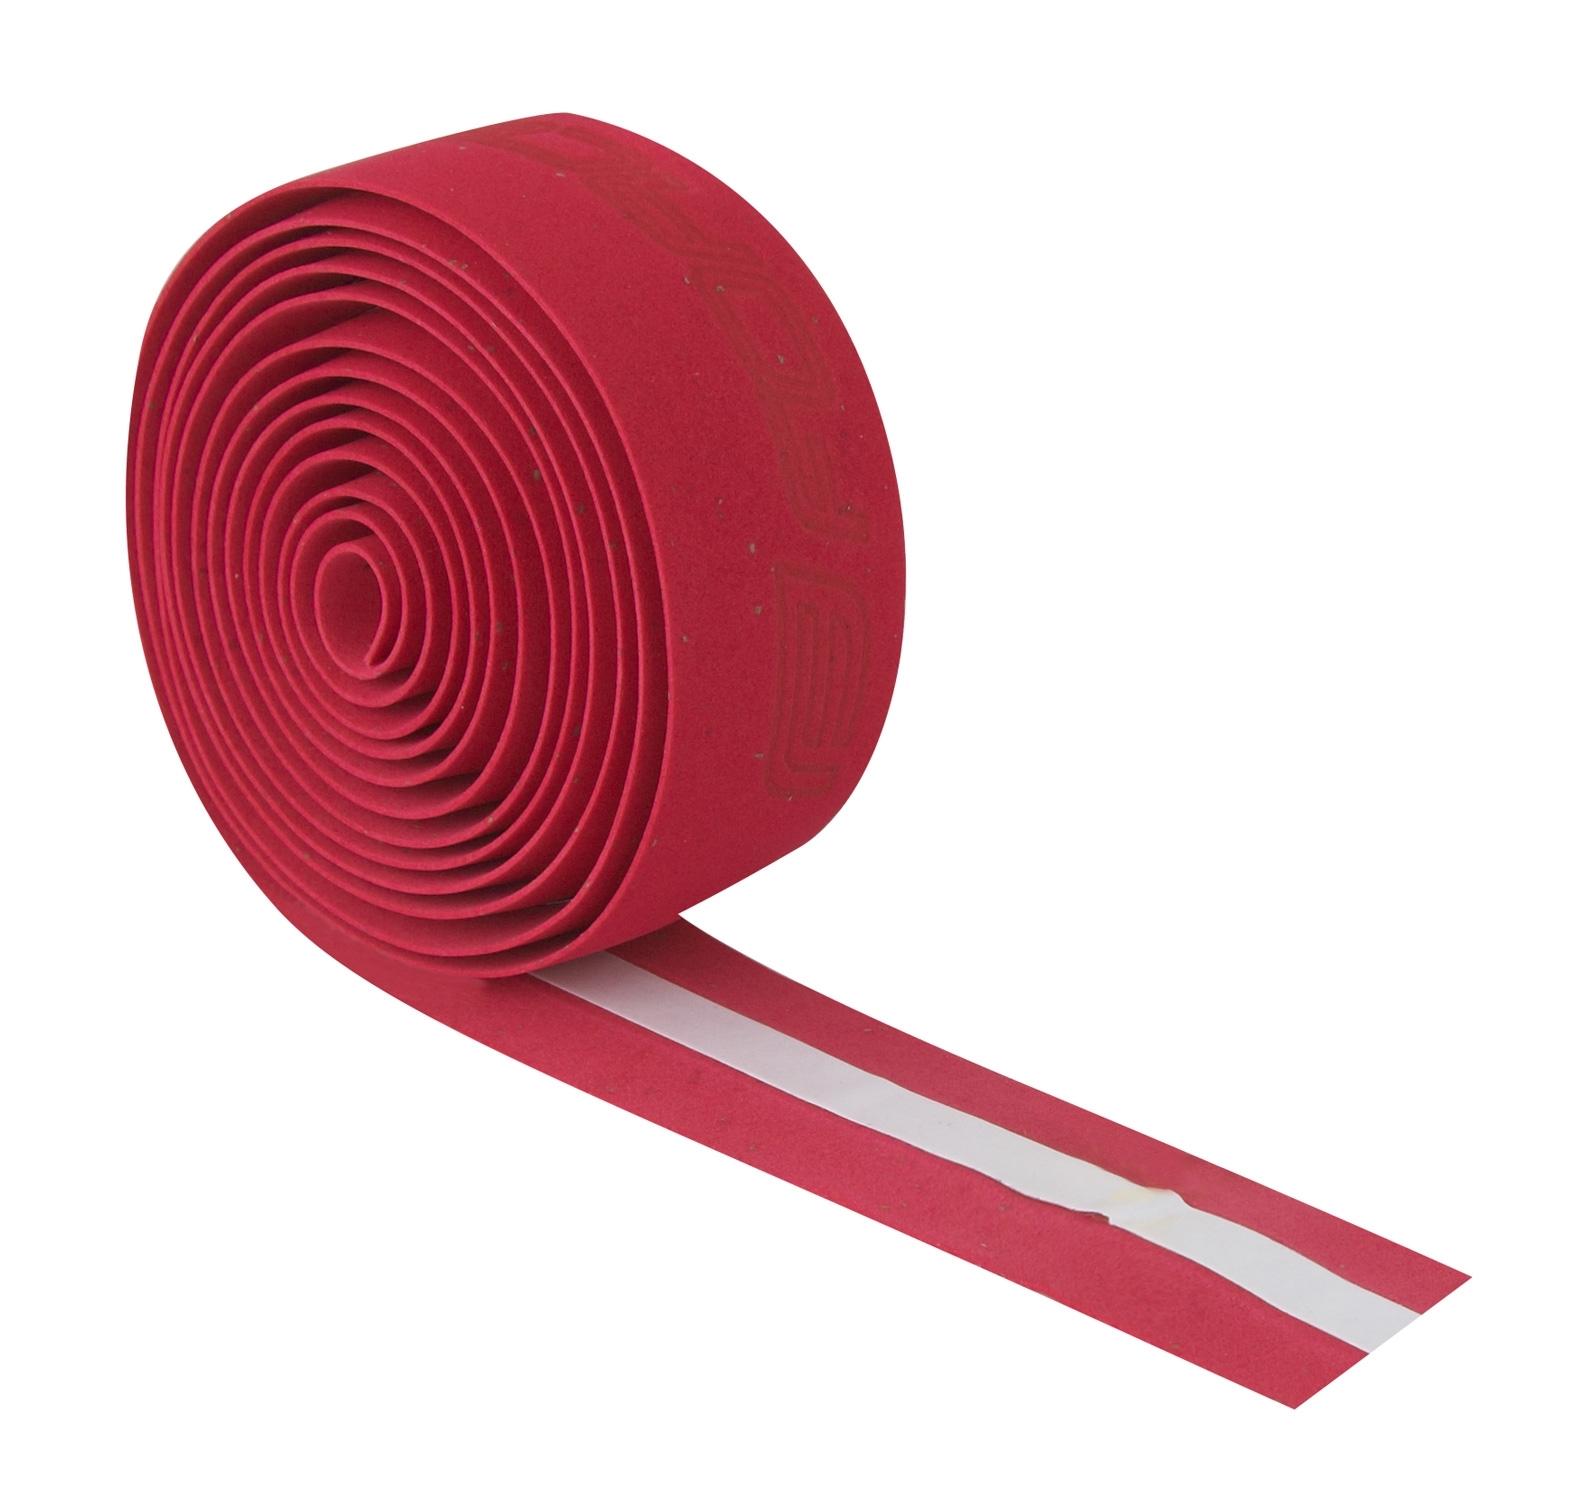 omotávka FORCE korková s vytláčeným logem, červená